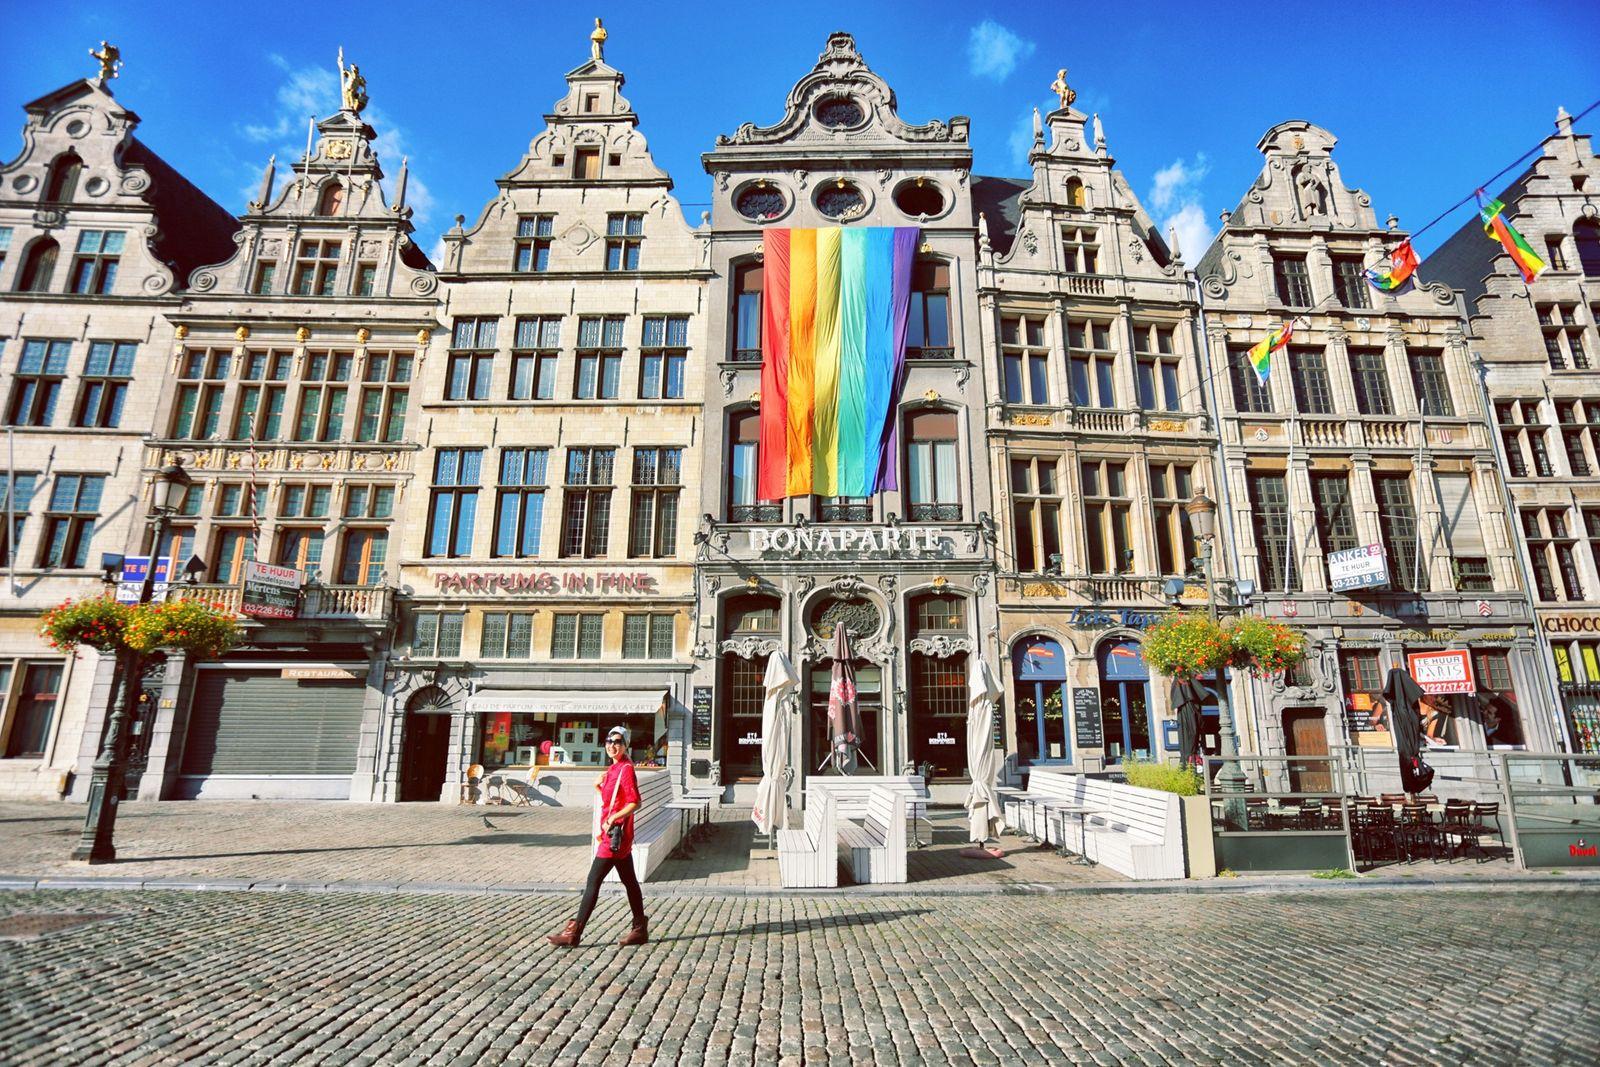 Bandeira arco-íris, representativa do movimento de orgulho LGBTQIA+, pendurada na prefeitura da cidade de Antuérpia, Bélgica, ...